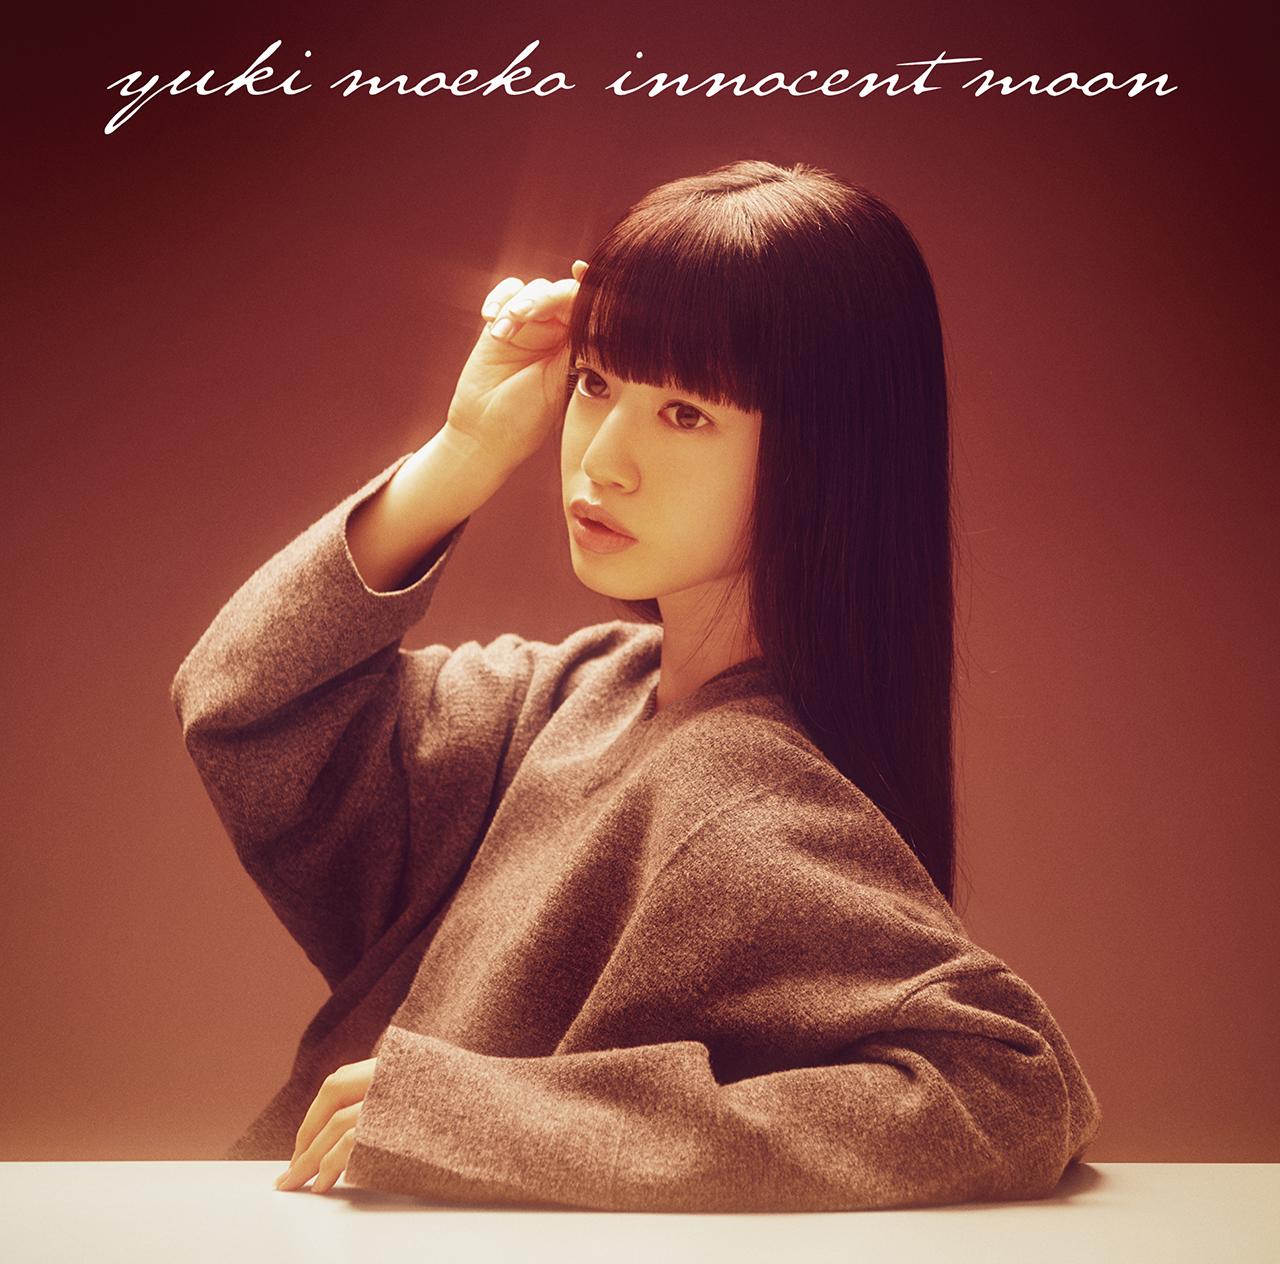 『結城萌子 - 元恋人よ』収録の『innocent moon』ジャケット